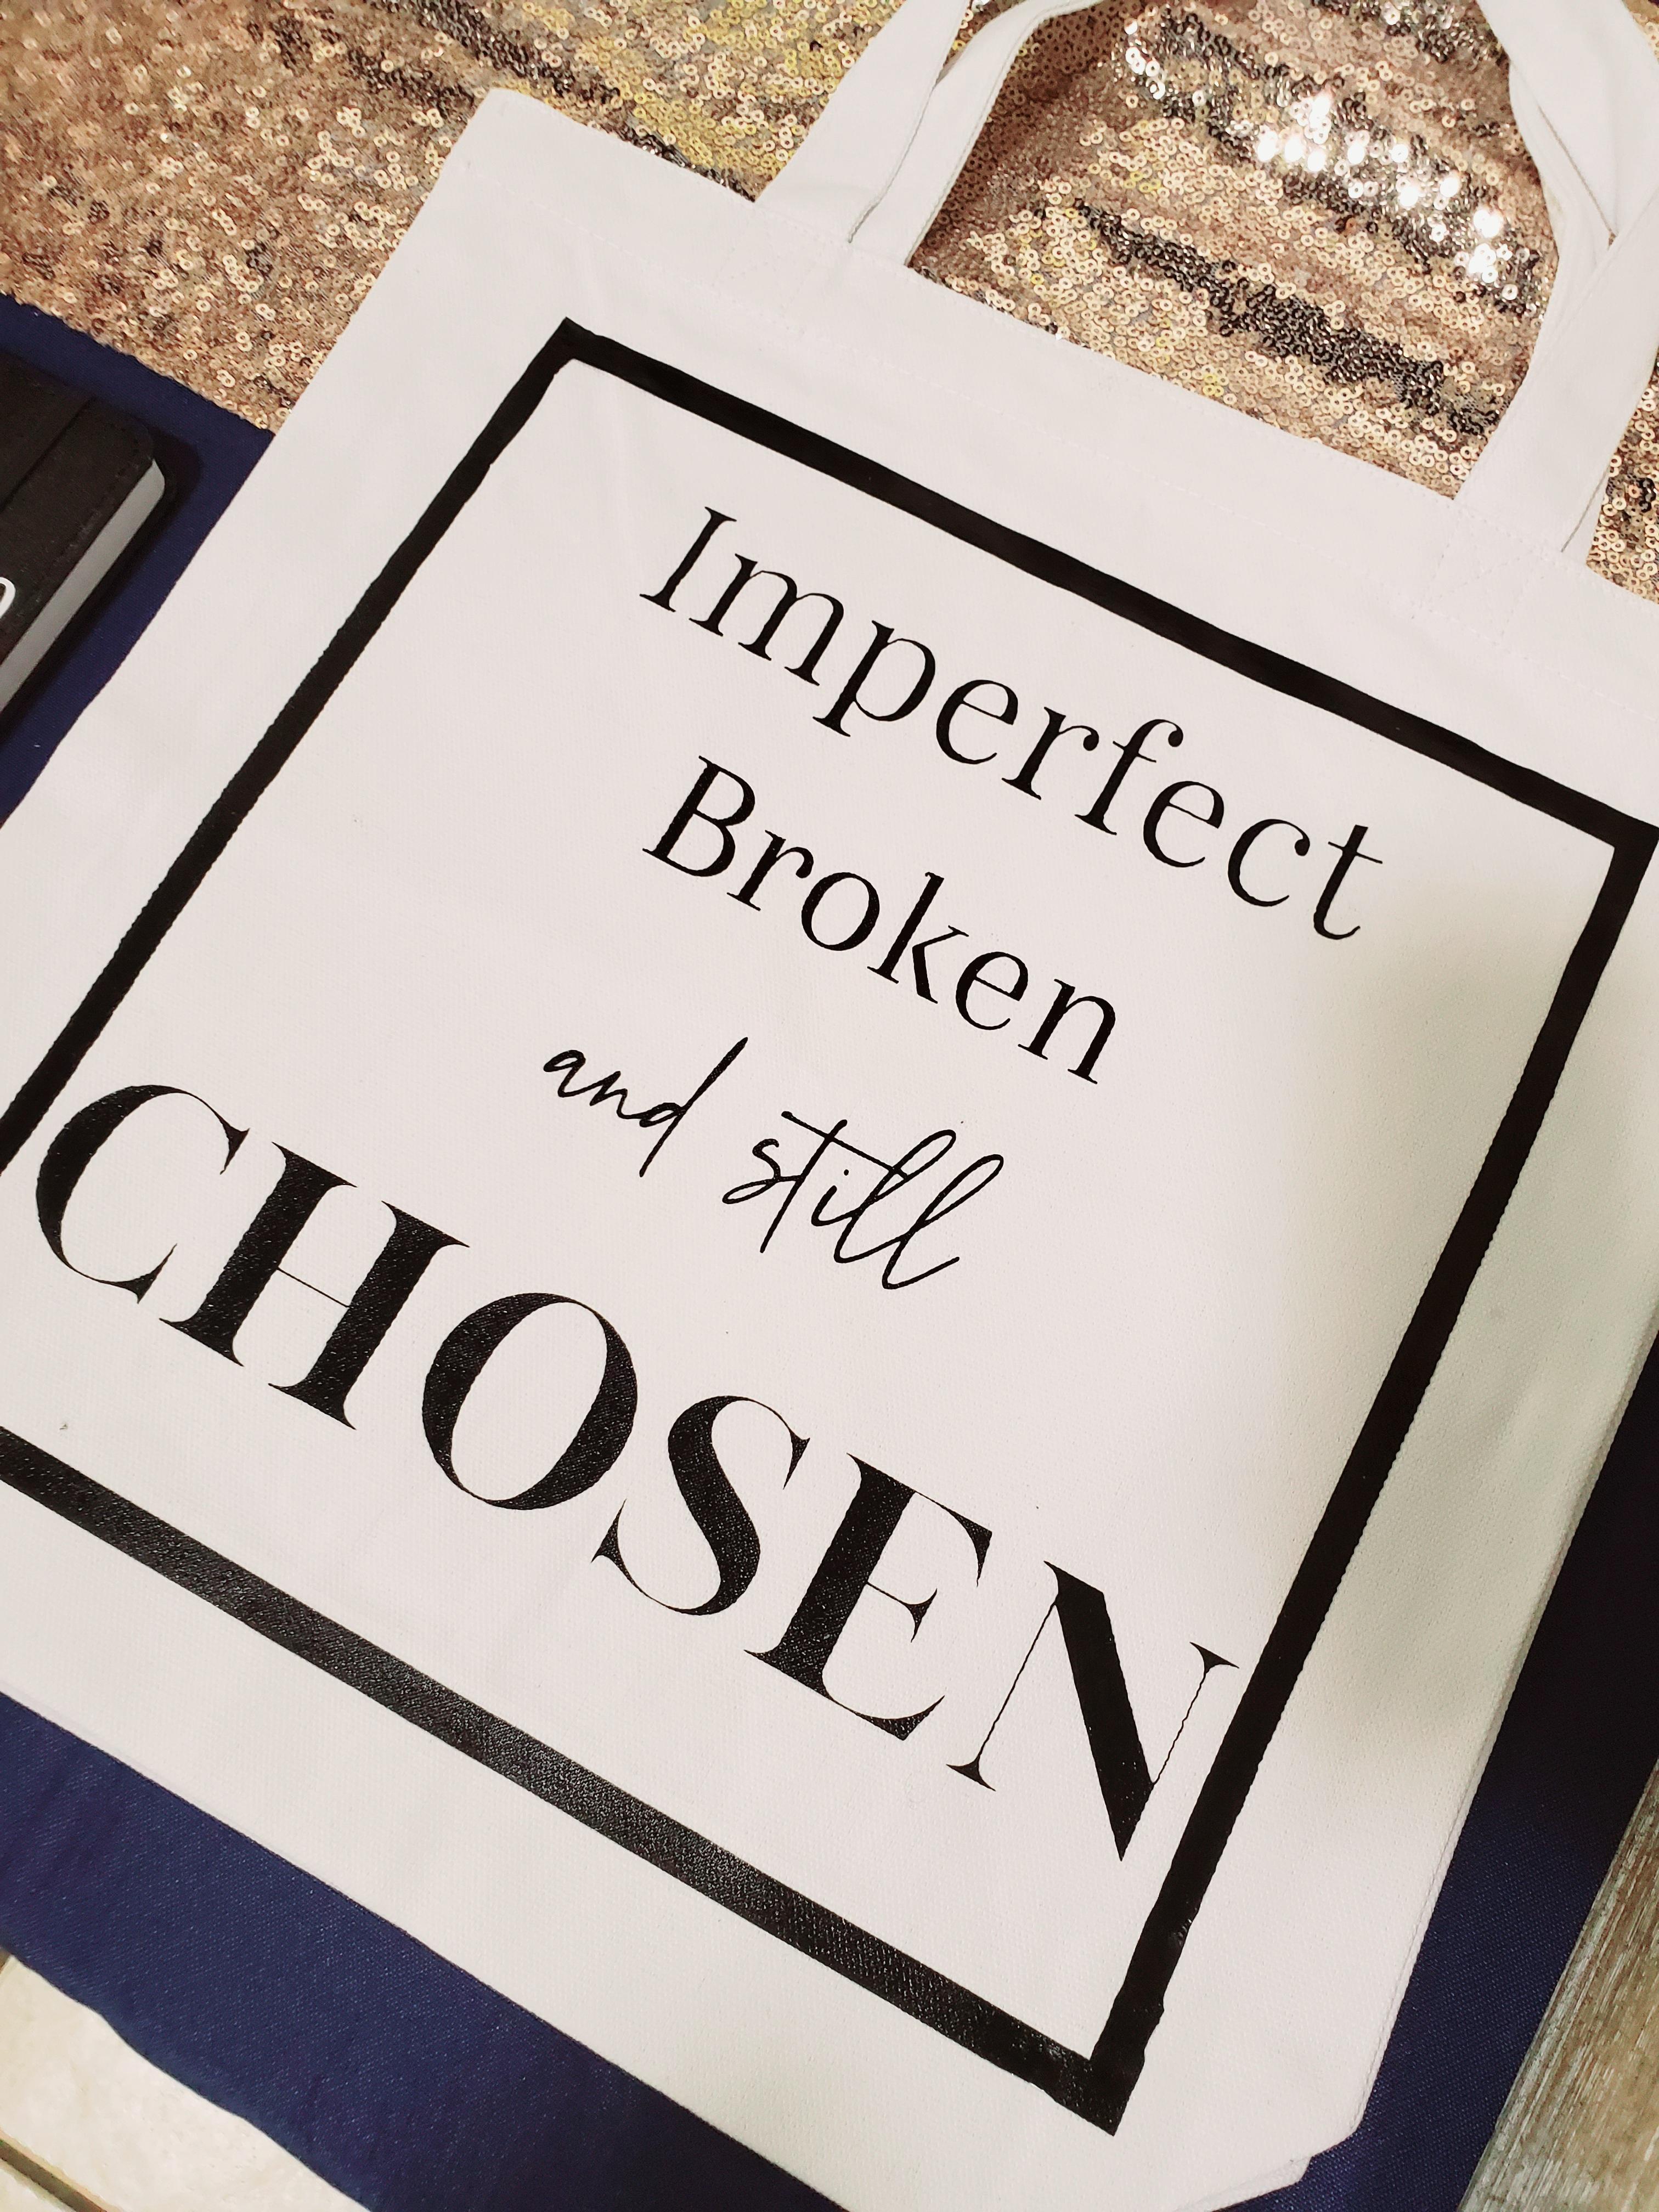 imperfect-broken-still-chosen-tote-bag